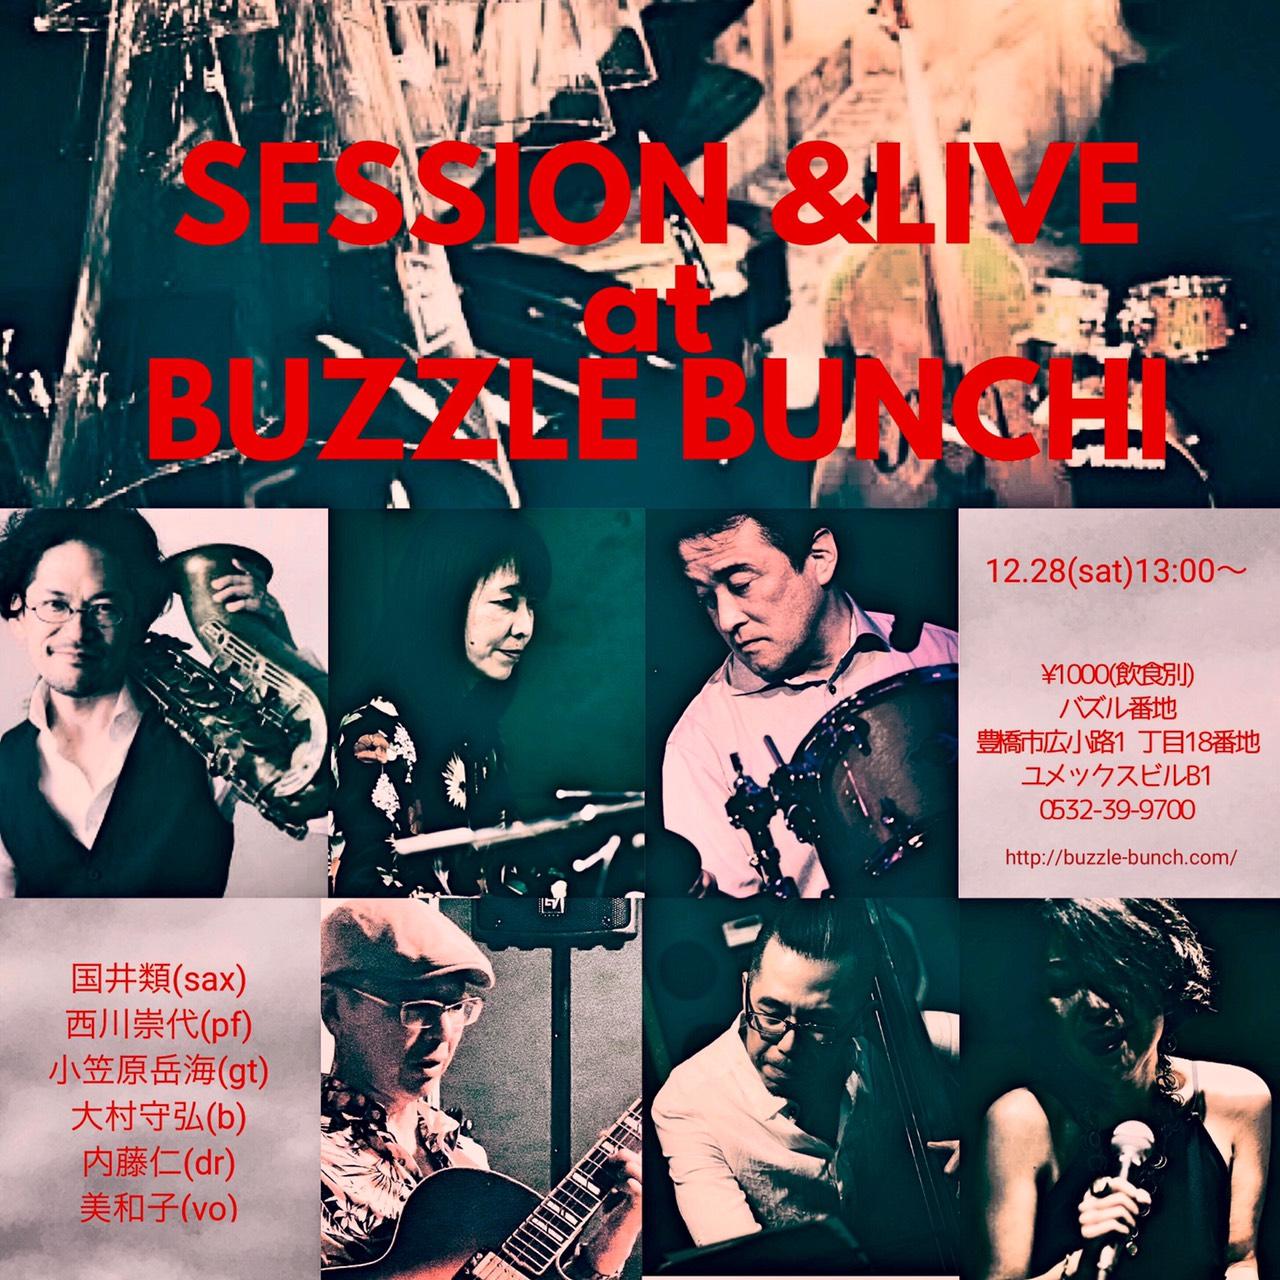 2019年12月28日(土) SESSION & LIVE at BUZZLE BUNCH